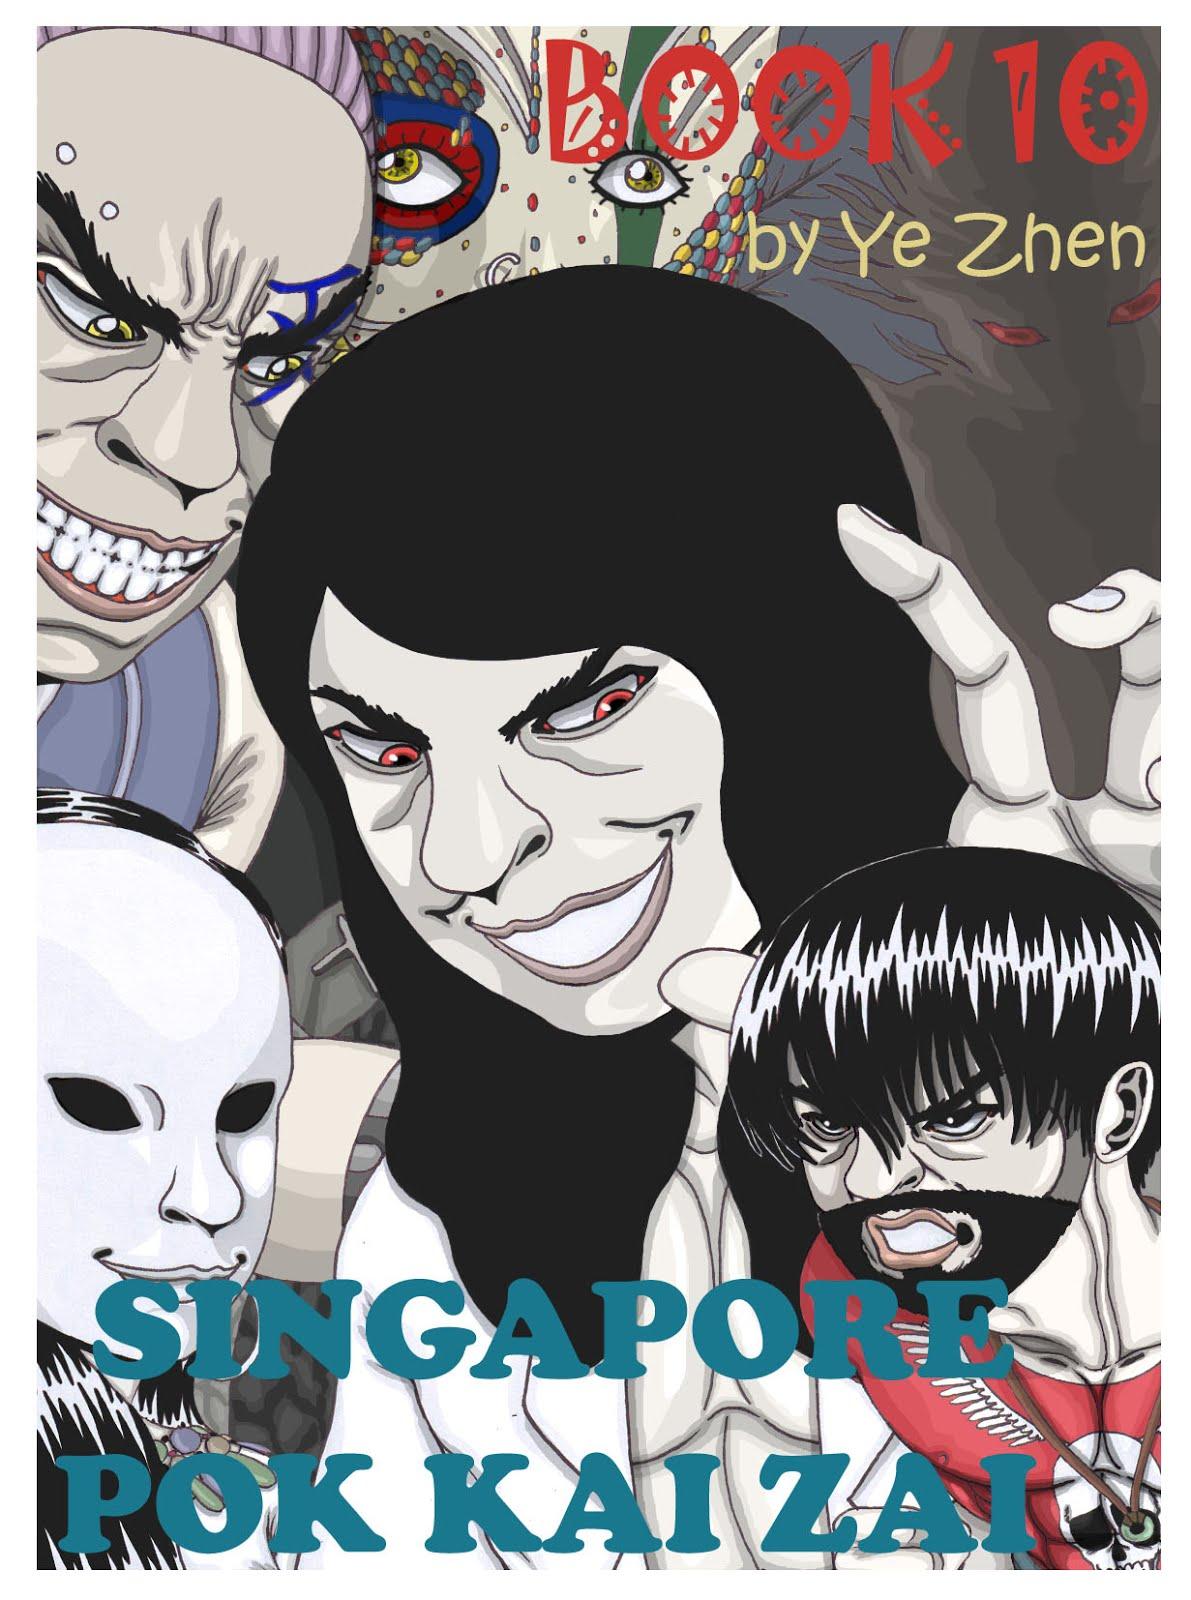 Singapore Pok Kai Zai